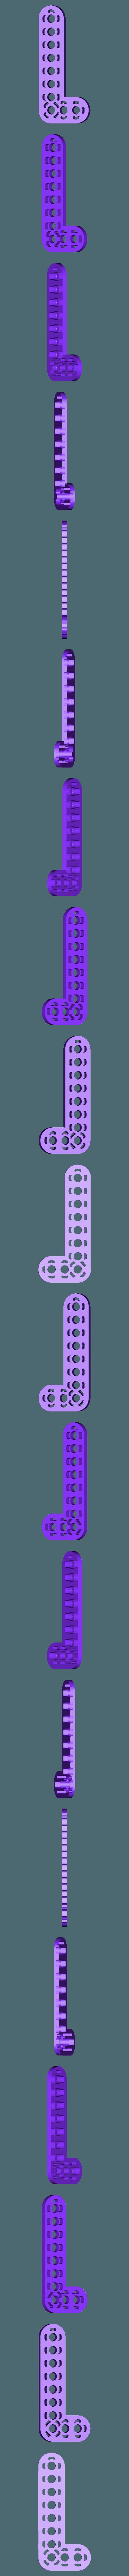 L_3_8.STL Télécharger fichier STL gratuit MEGA Expansion 200+ Pièces • Plan à imprimer en 3D, Pwentey